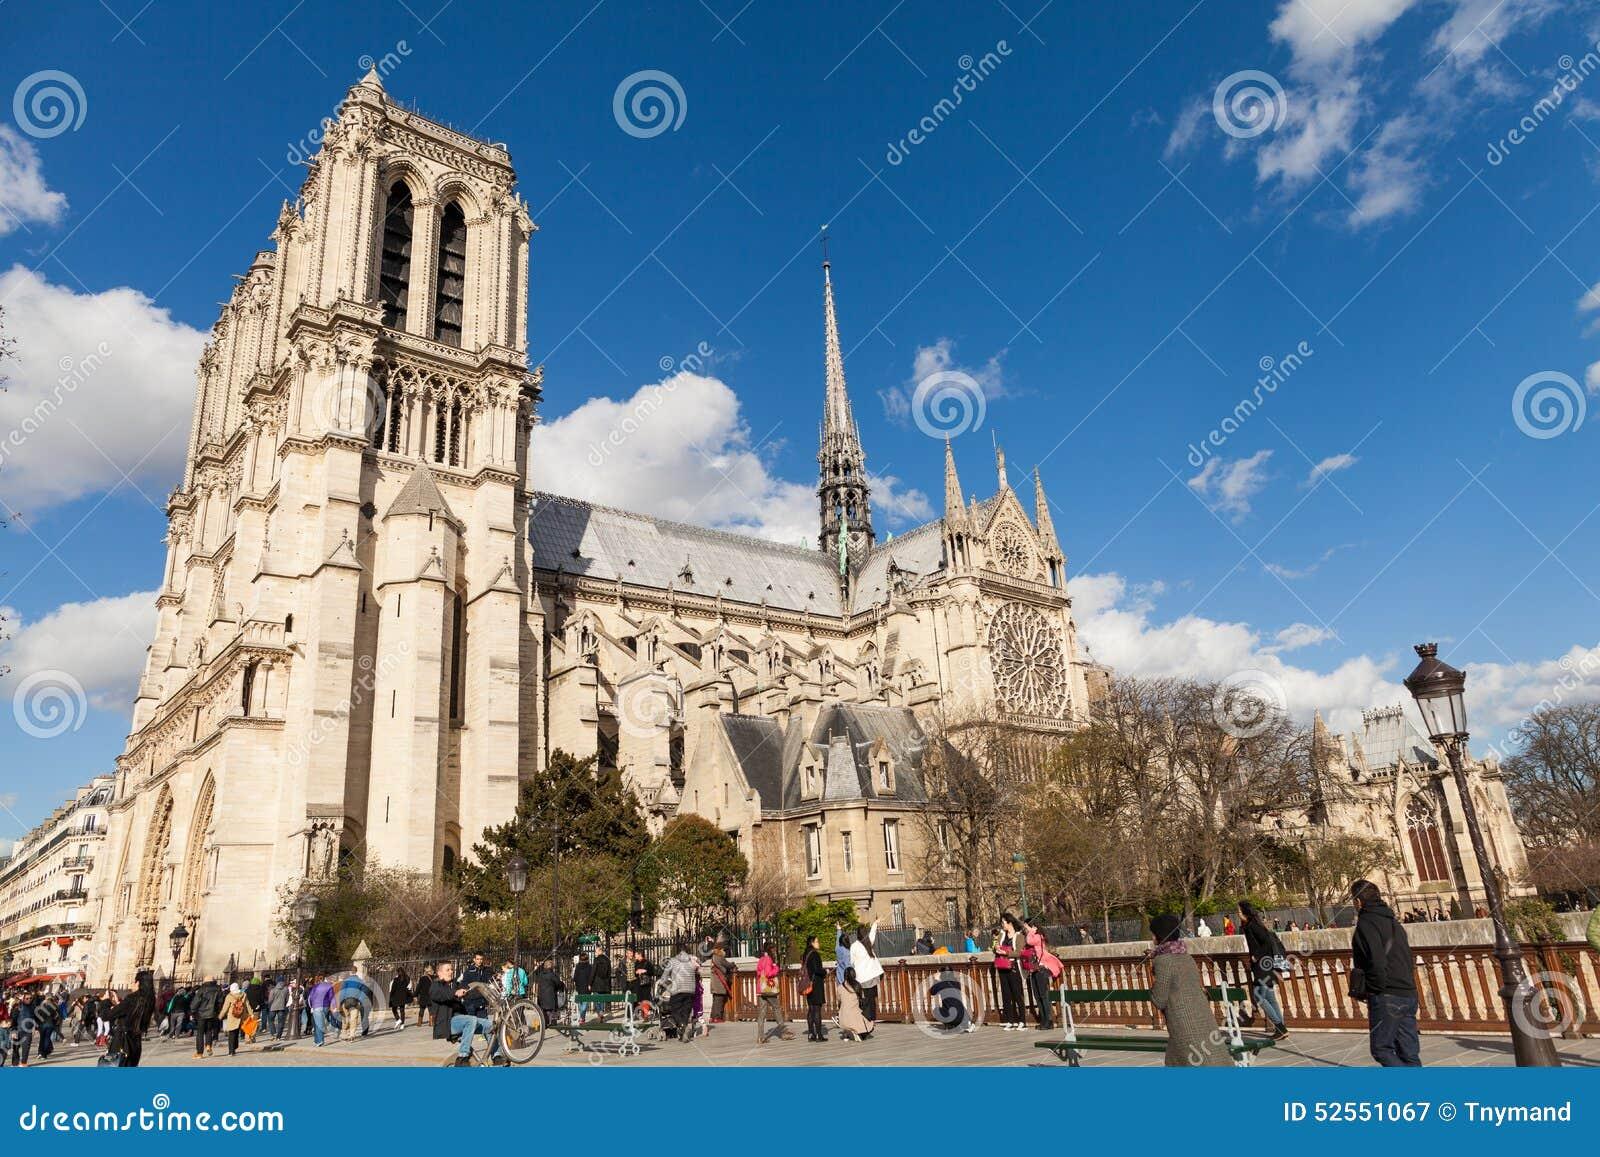 Beroemde Mensen In Parijs.Mensen In Notre Dame Beroemde Katholieke Kerk